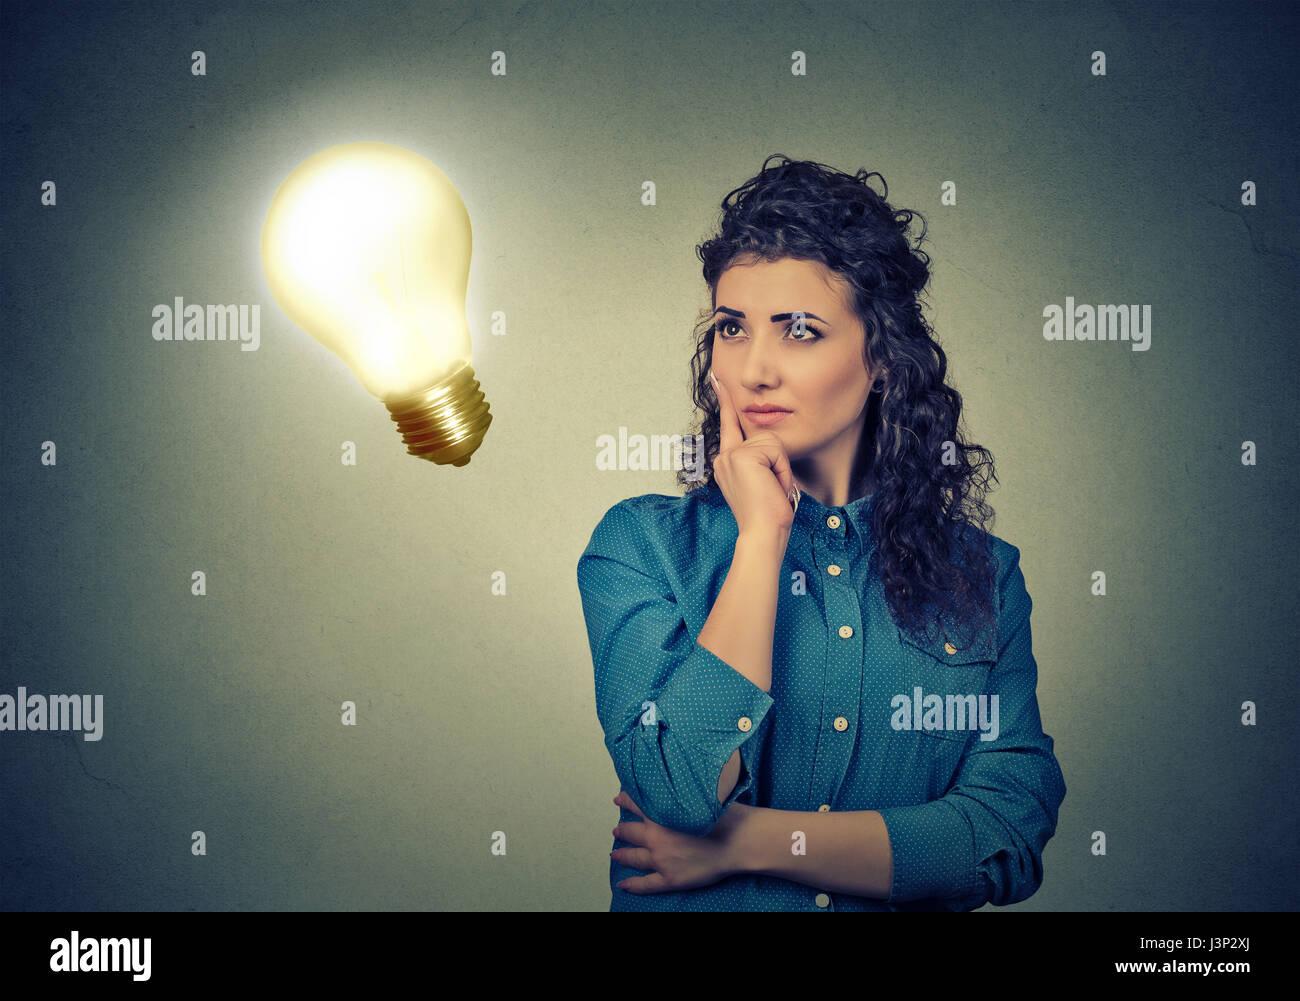 Closeup schönes Mädchen denkt blickte zu helle Glühbirne auf graue Wand Hintergrund isoliert. Konzept, Stockbild